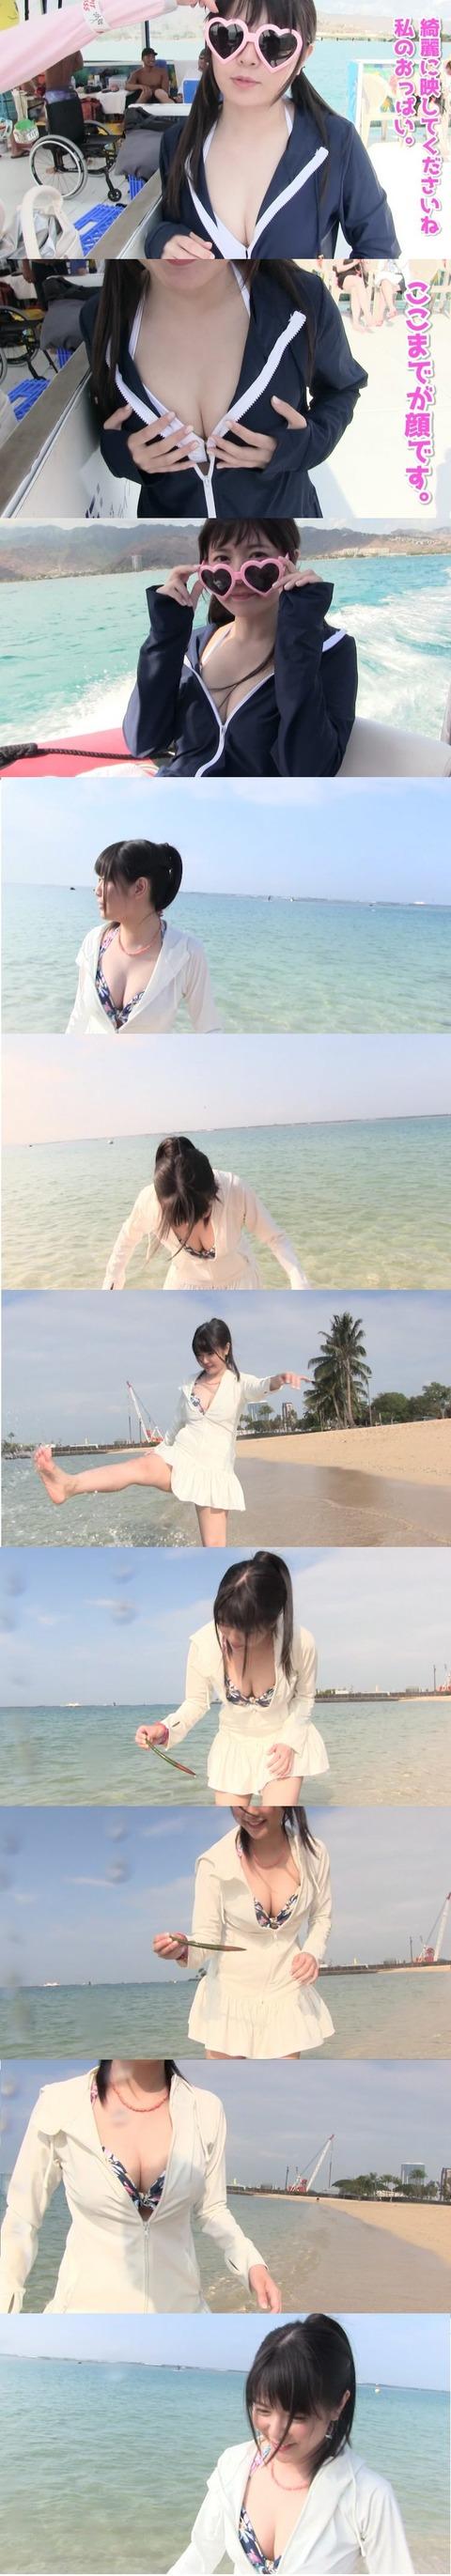 【画像】性優の竹達彩奈さん、乳を見せつけて精液を搾り取りに来る・・・・・・・・・・・・・・・